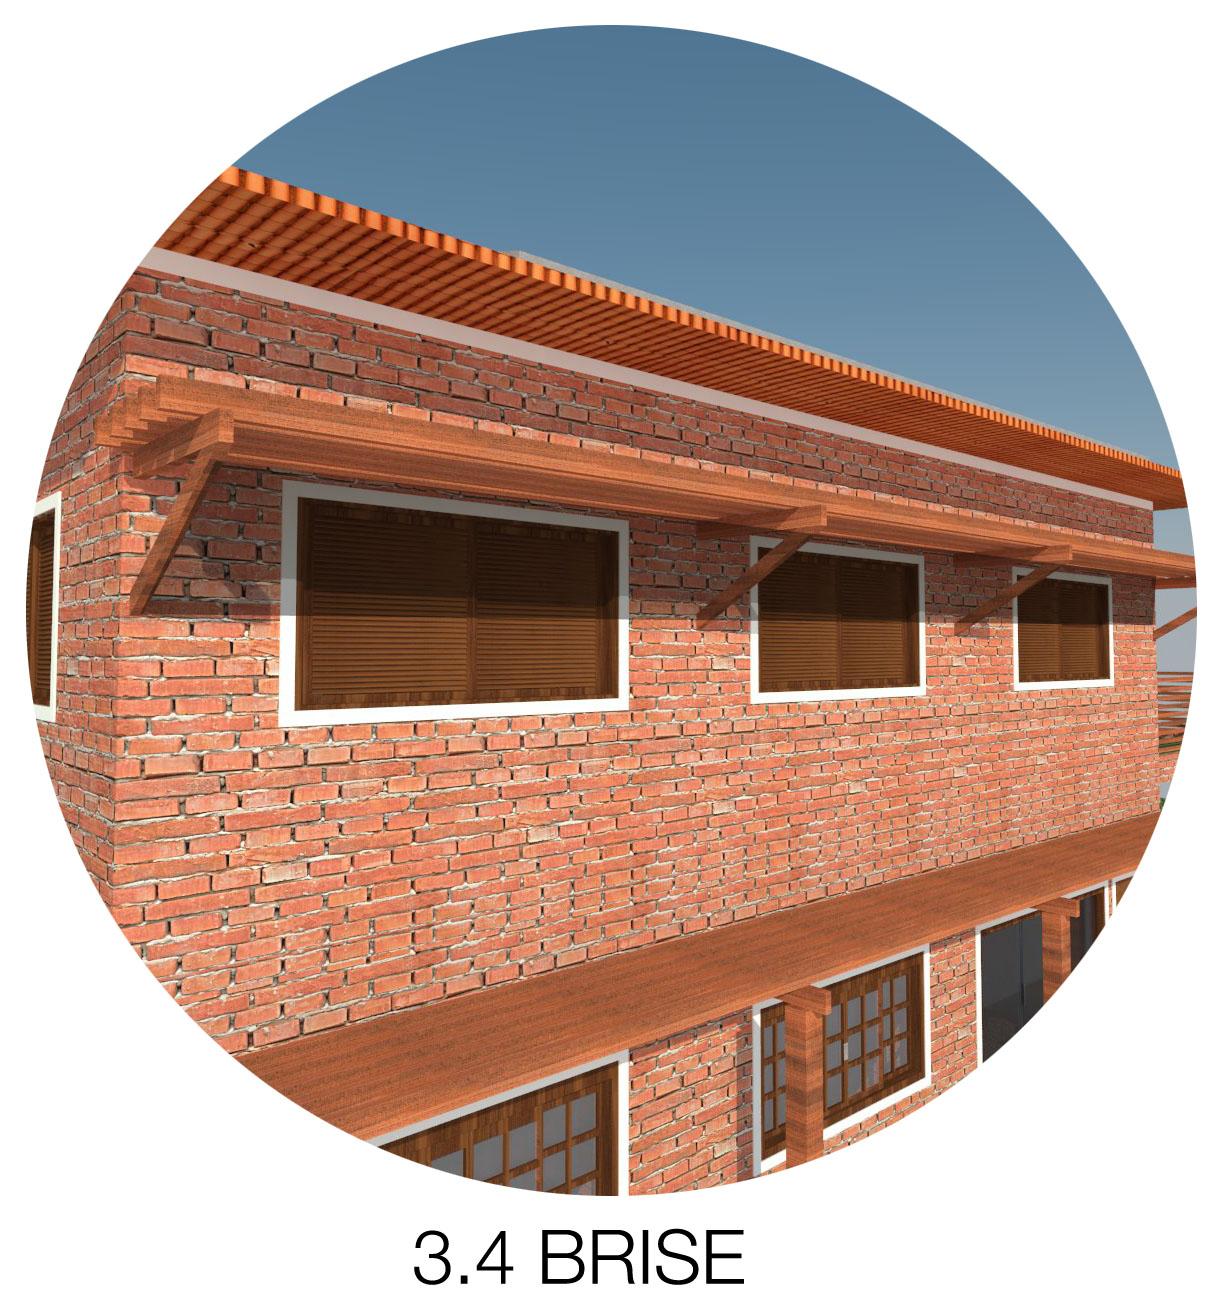 arquitetura-sustentavel-arquitetura-bioclimatica-brise-1